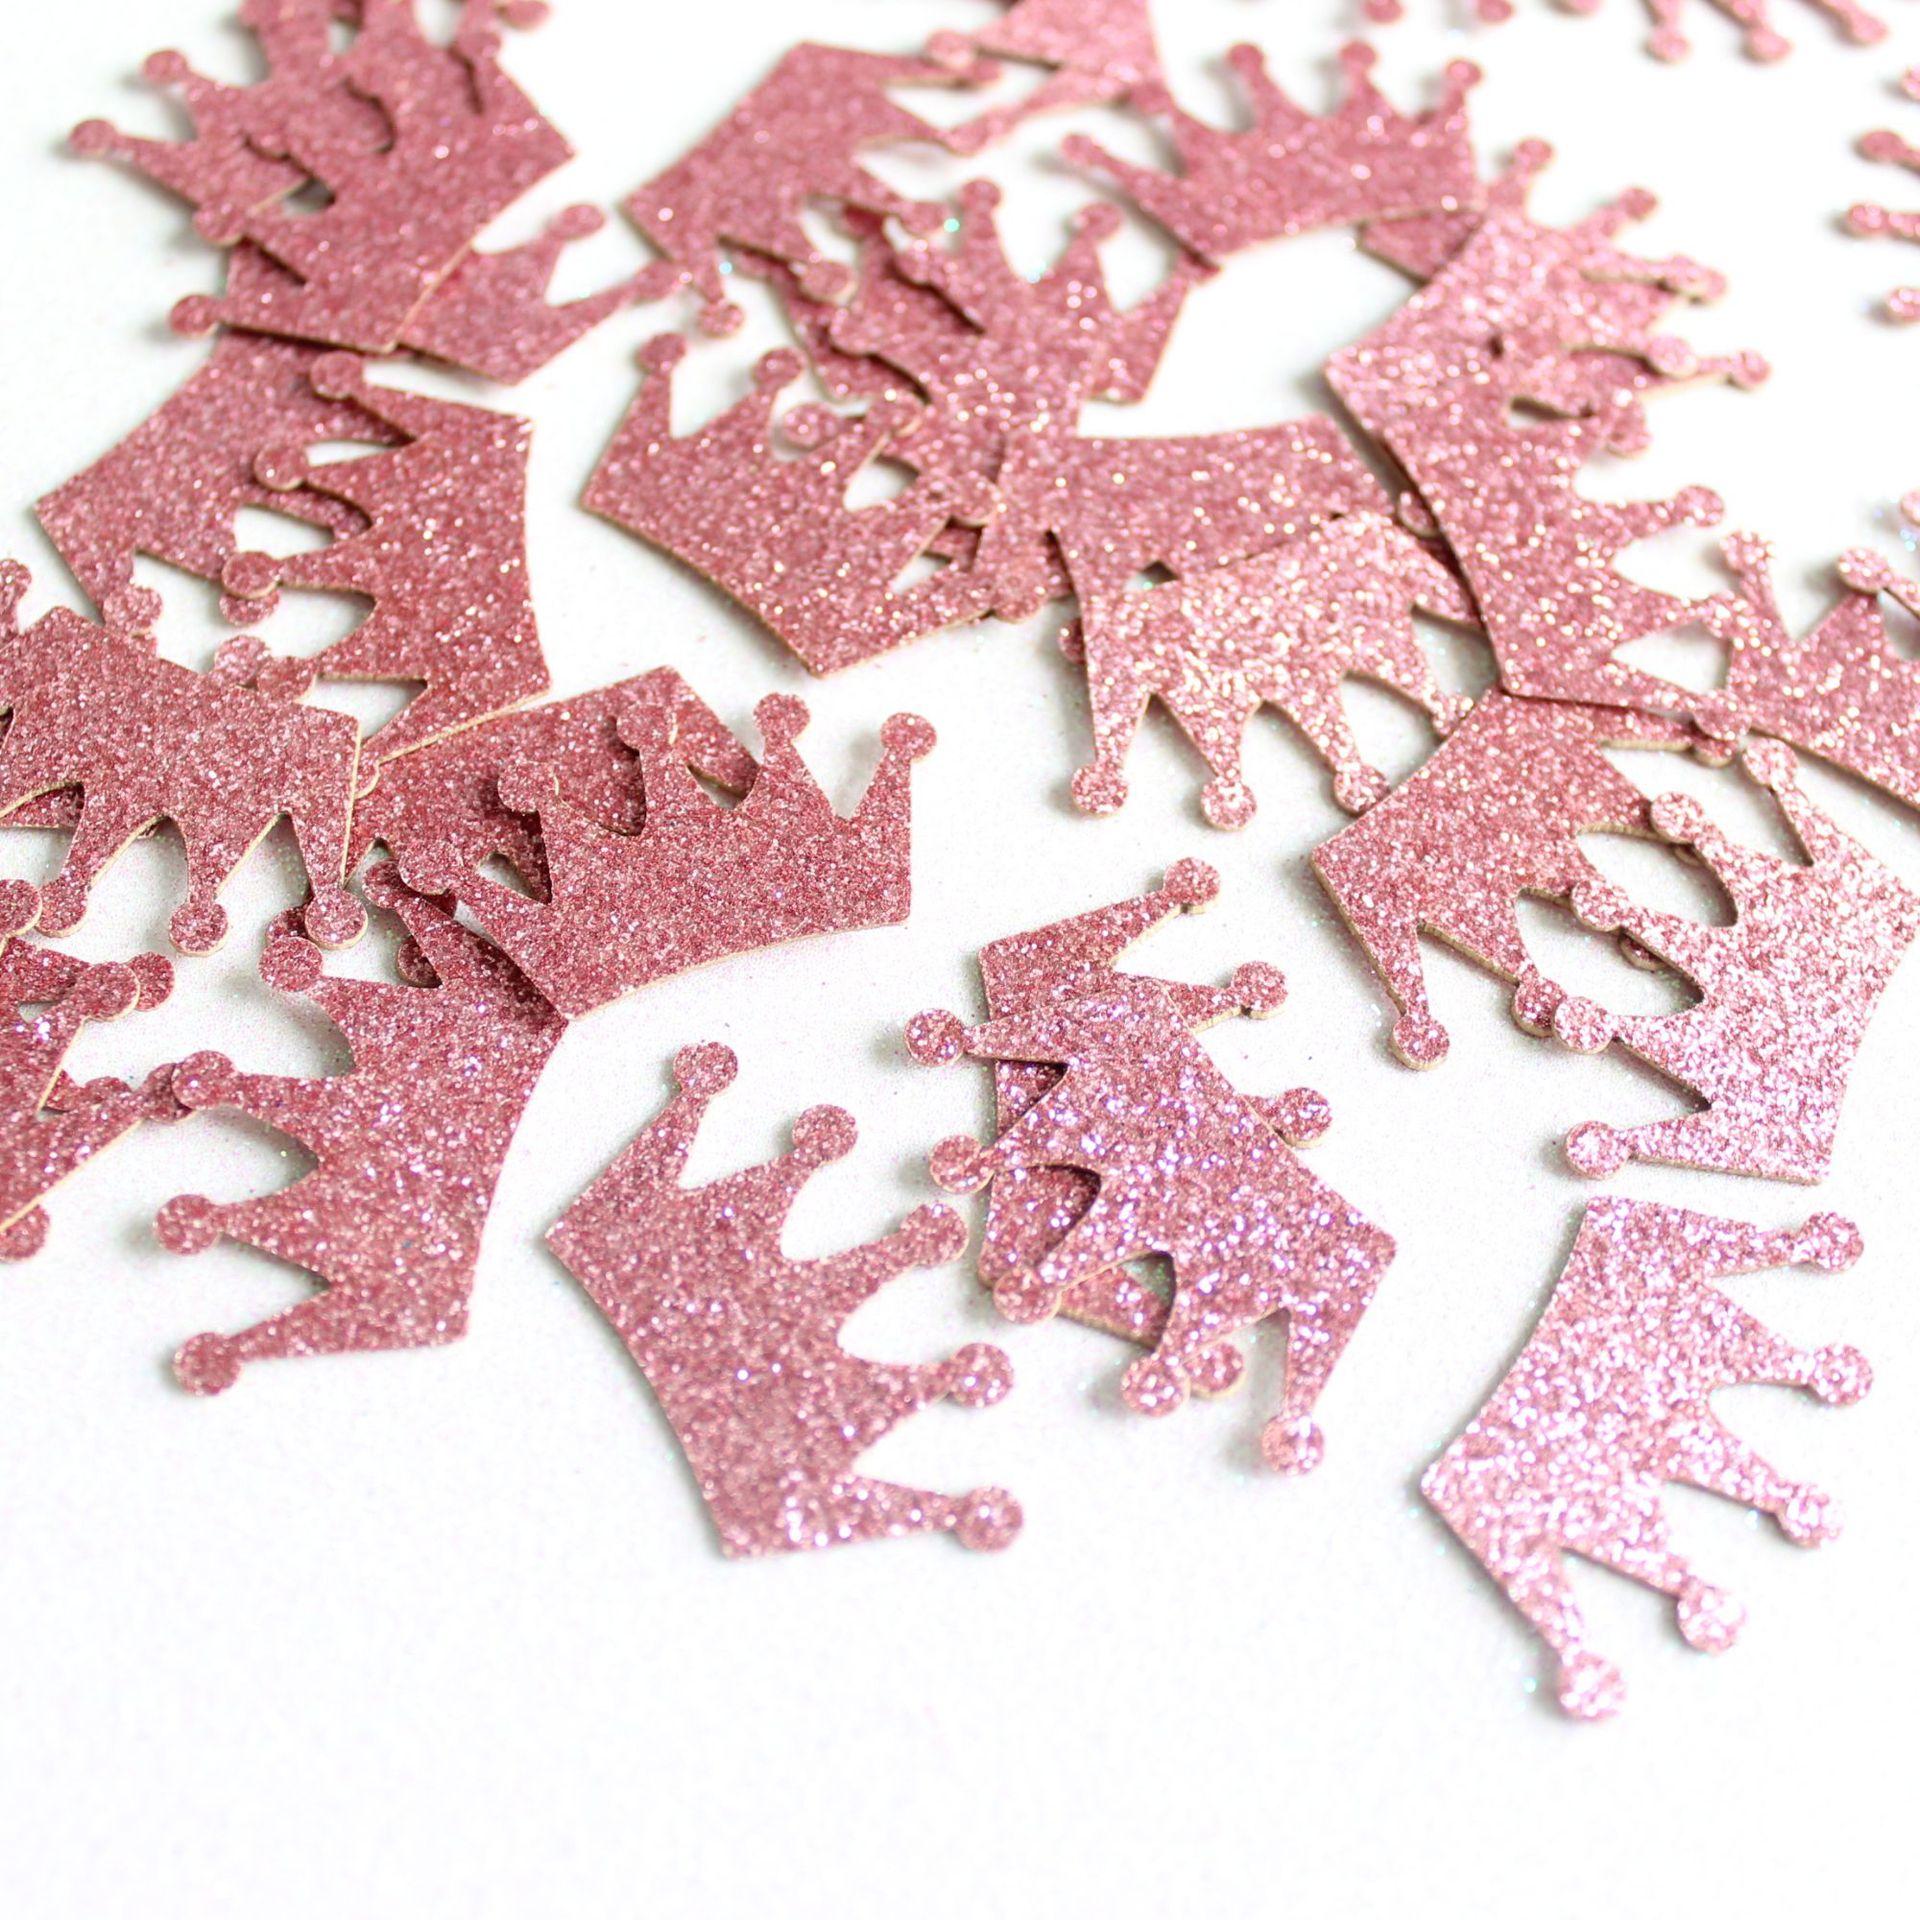 100 pçs ouro rosa coroa glitter confetes aniversário solteiro galinha festa confetes festa de casamento mesa dispersa decoração diy suprimentos